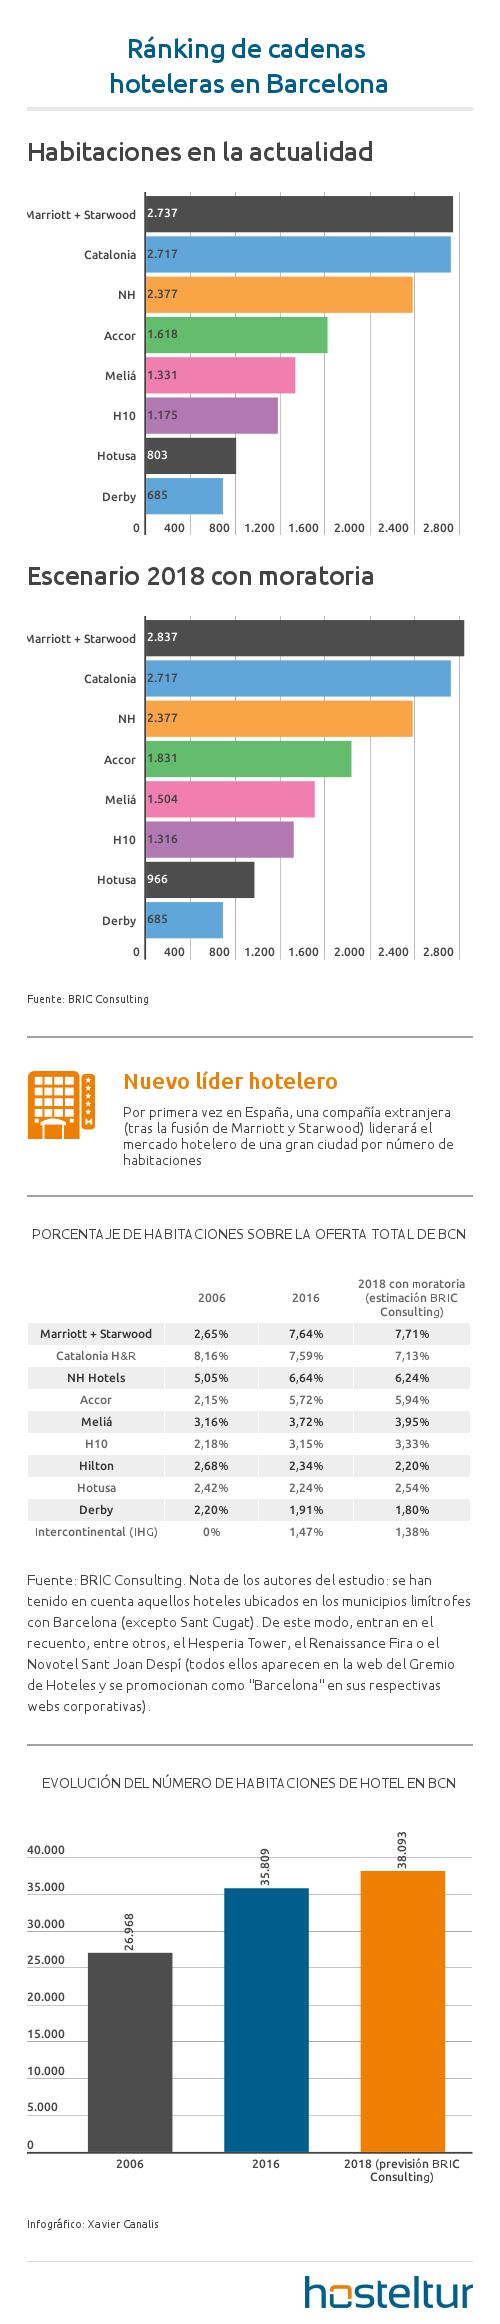 ranking_hoteles_barcelona